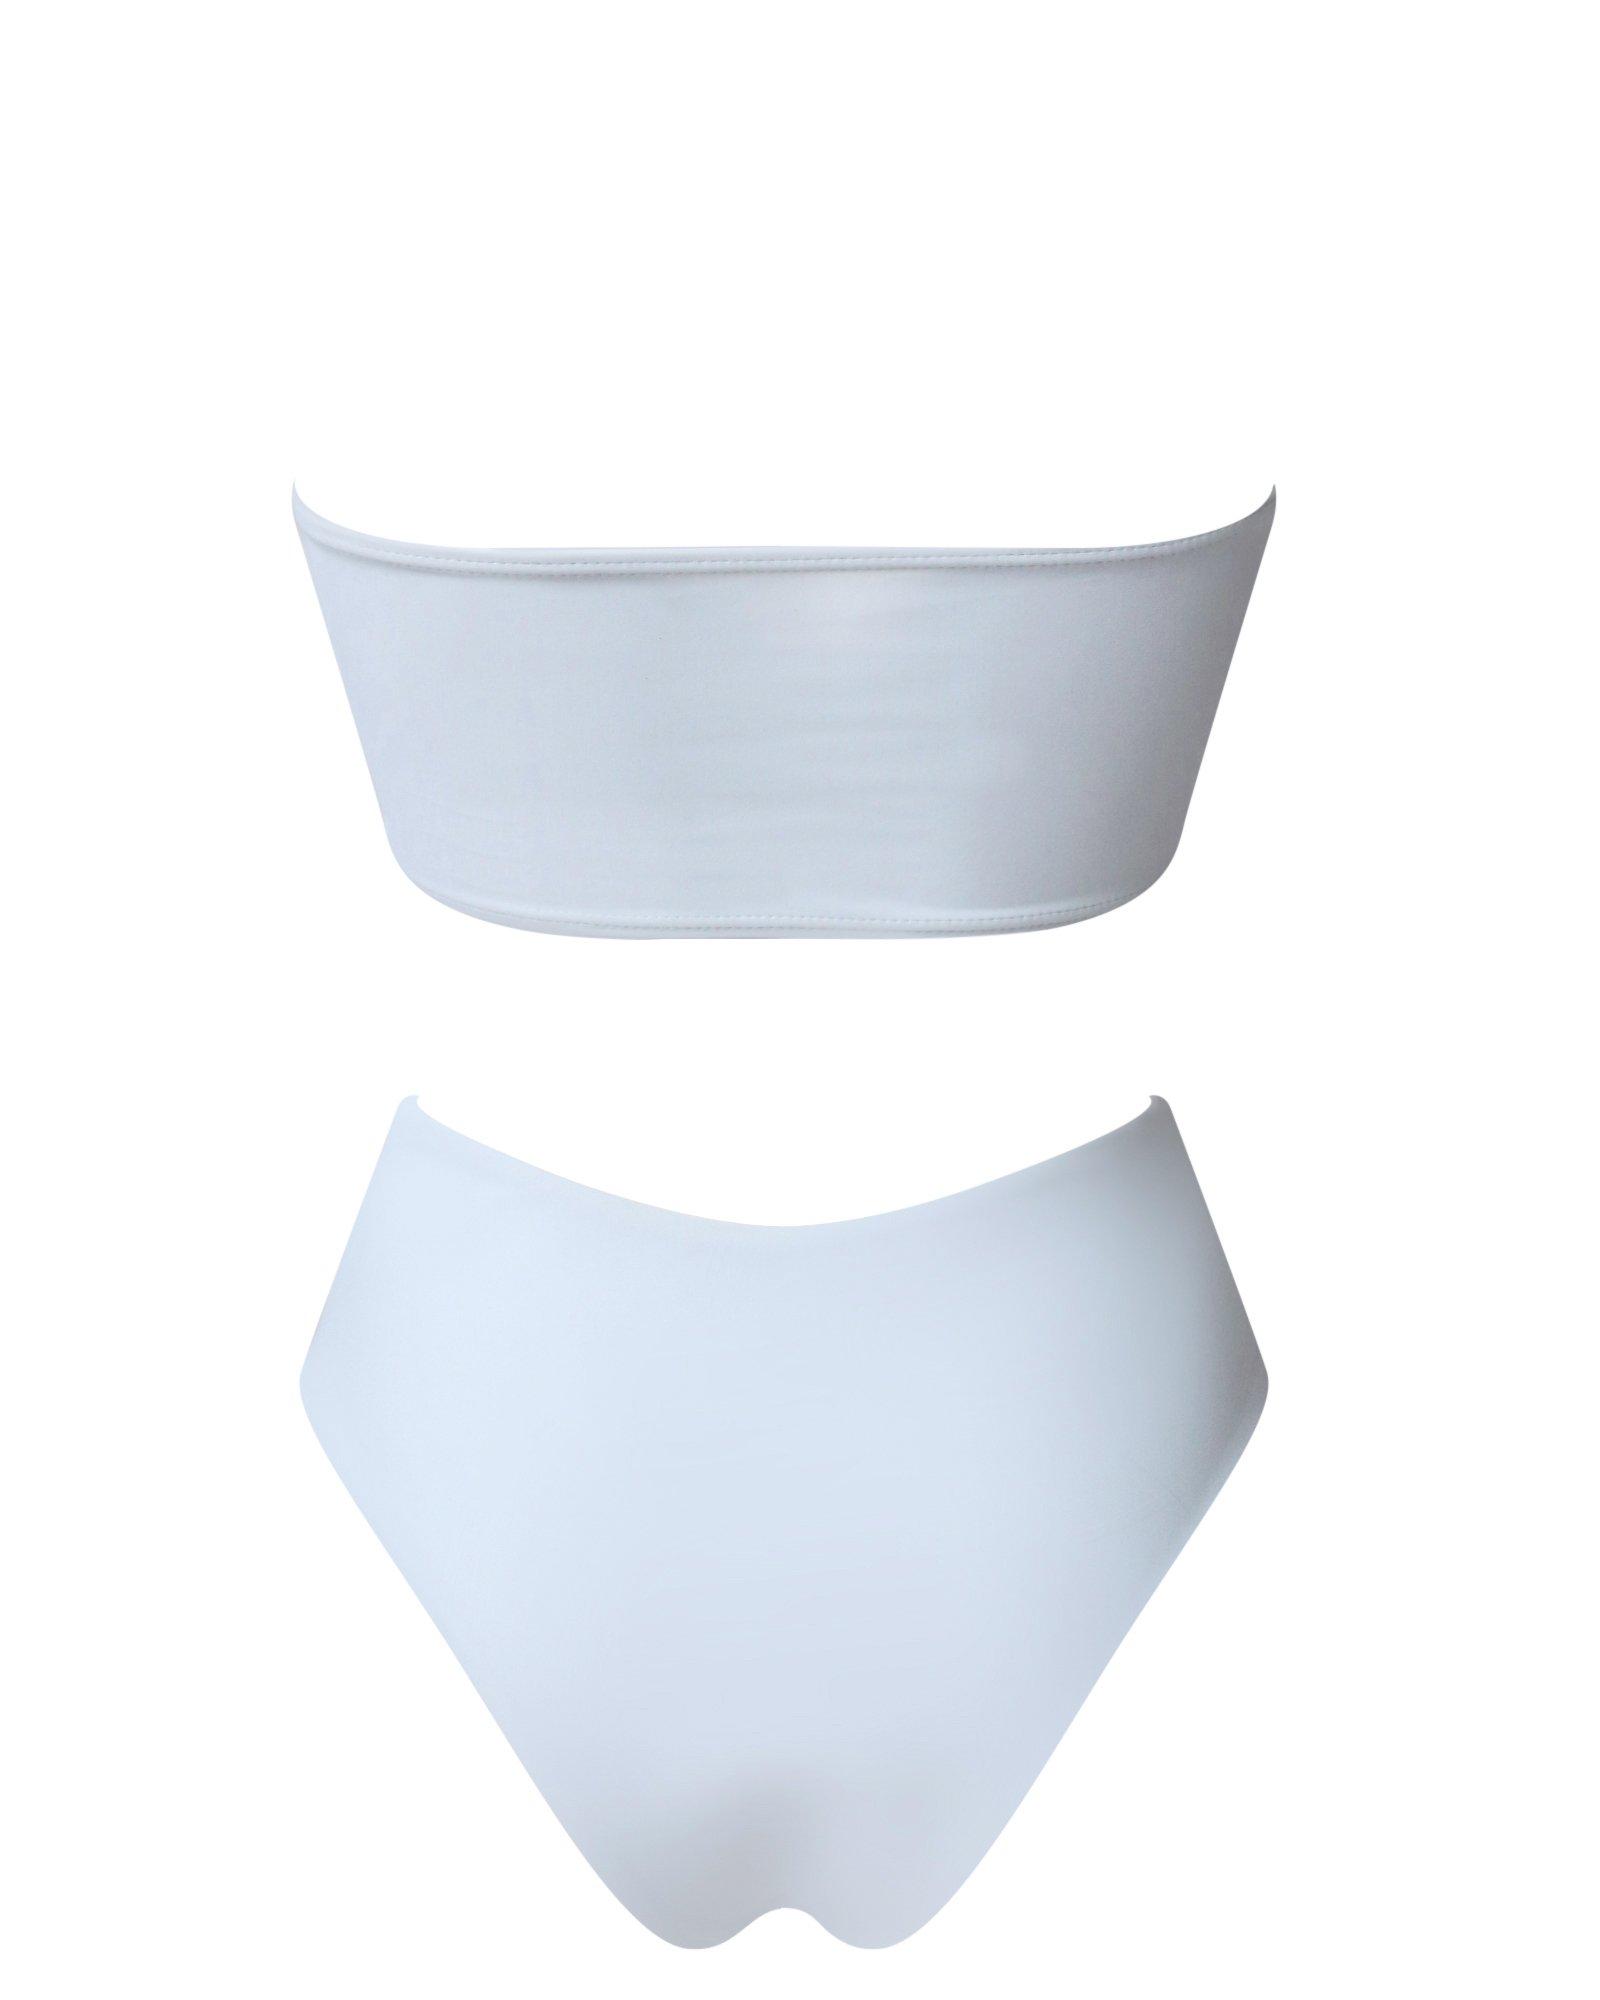 848c45d721 OMKAGI Women's 2 Pieces Bandeau Bikini Swimsuits Off Shoulder High Waist  Bathing Suit High Cut(S,White)